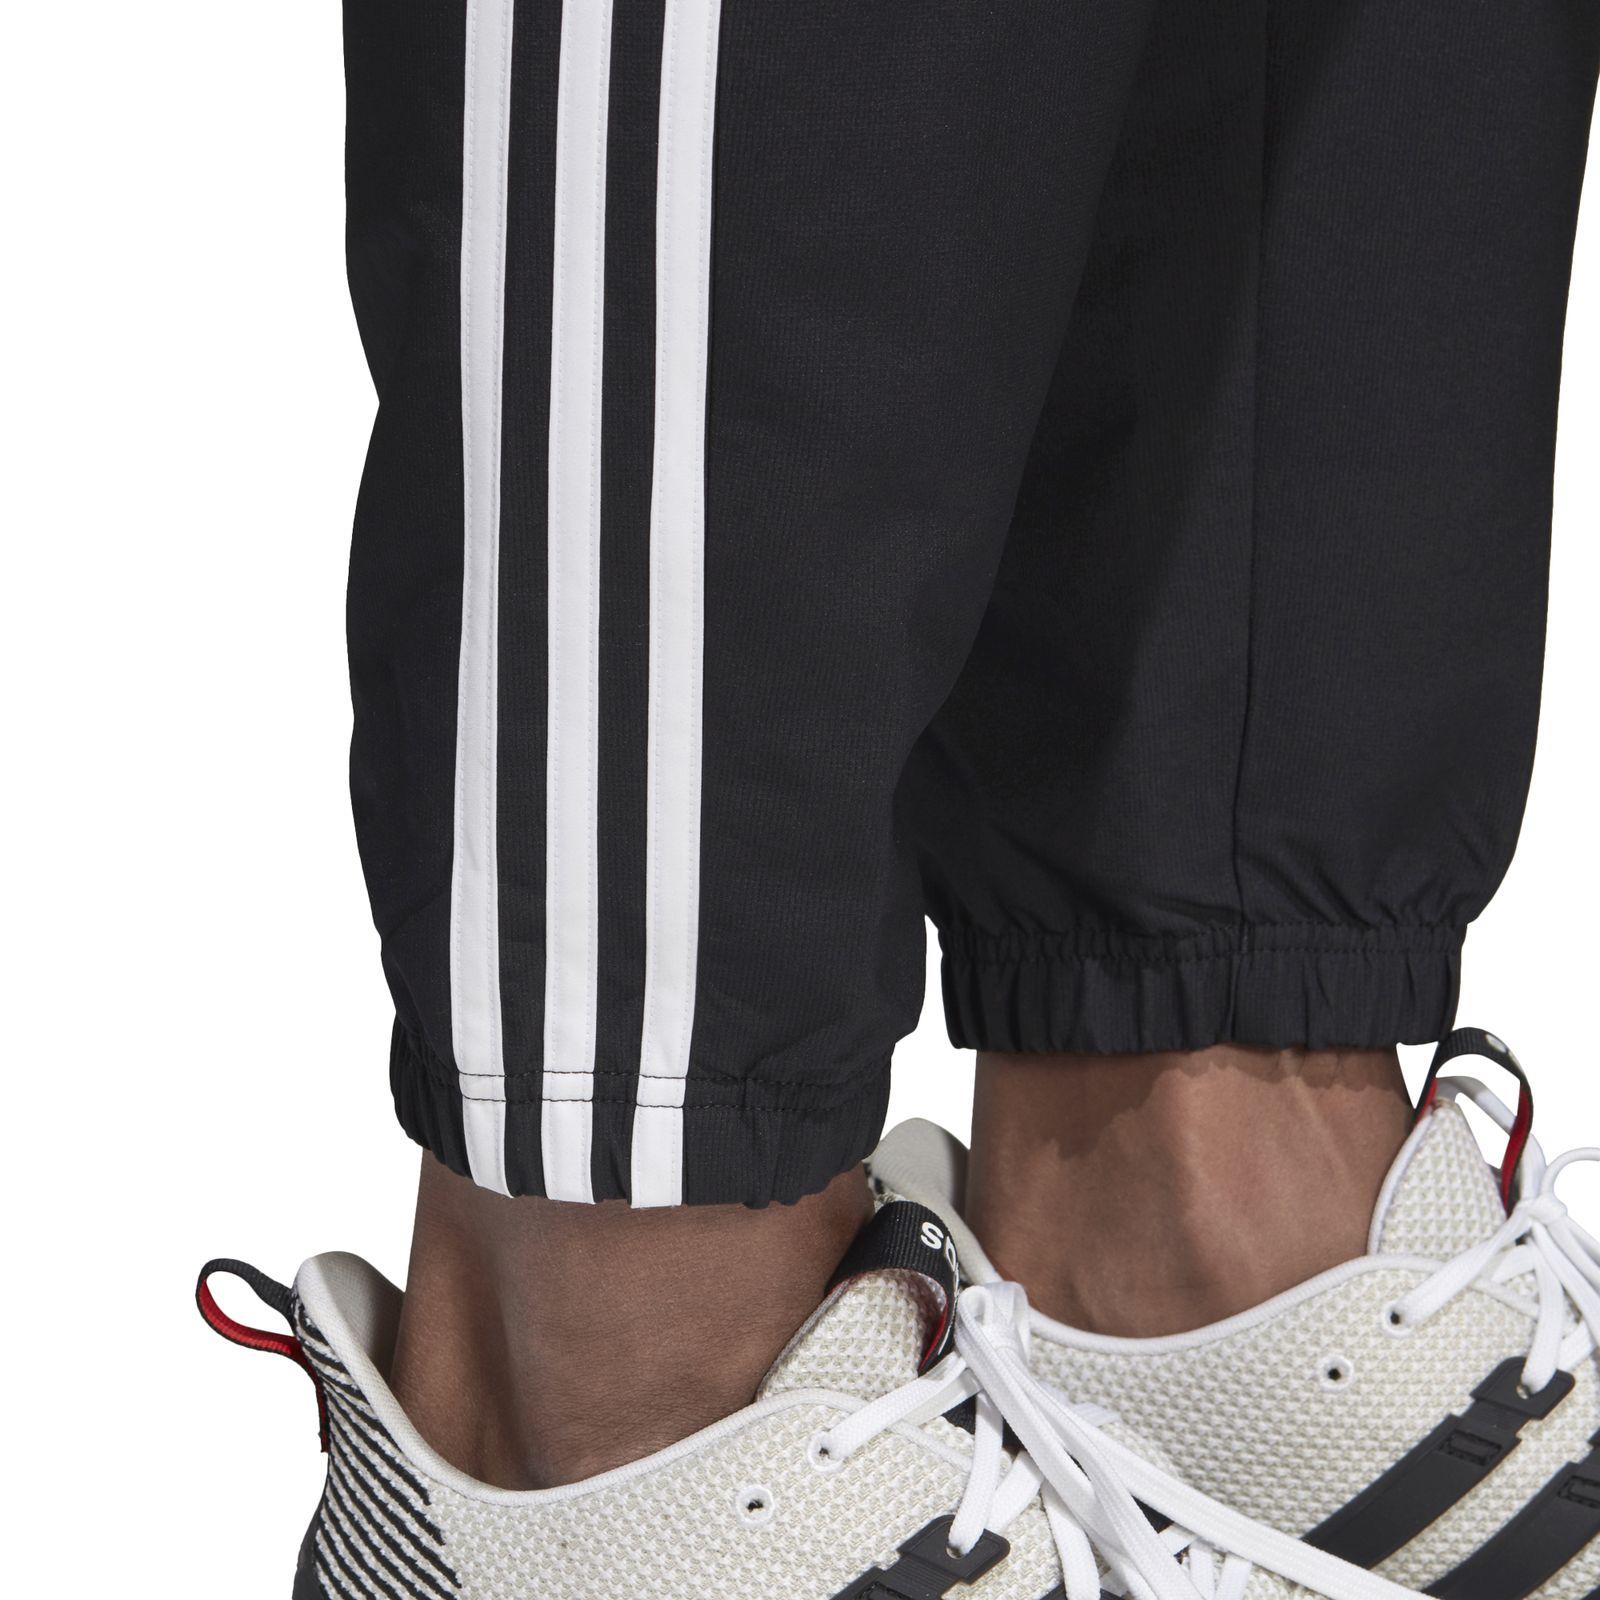 Details about Adidas Mens Training Jogging Pants Essentials 3 Stripe Wind Pant Black show original title